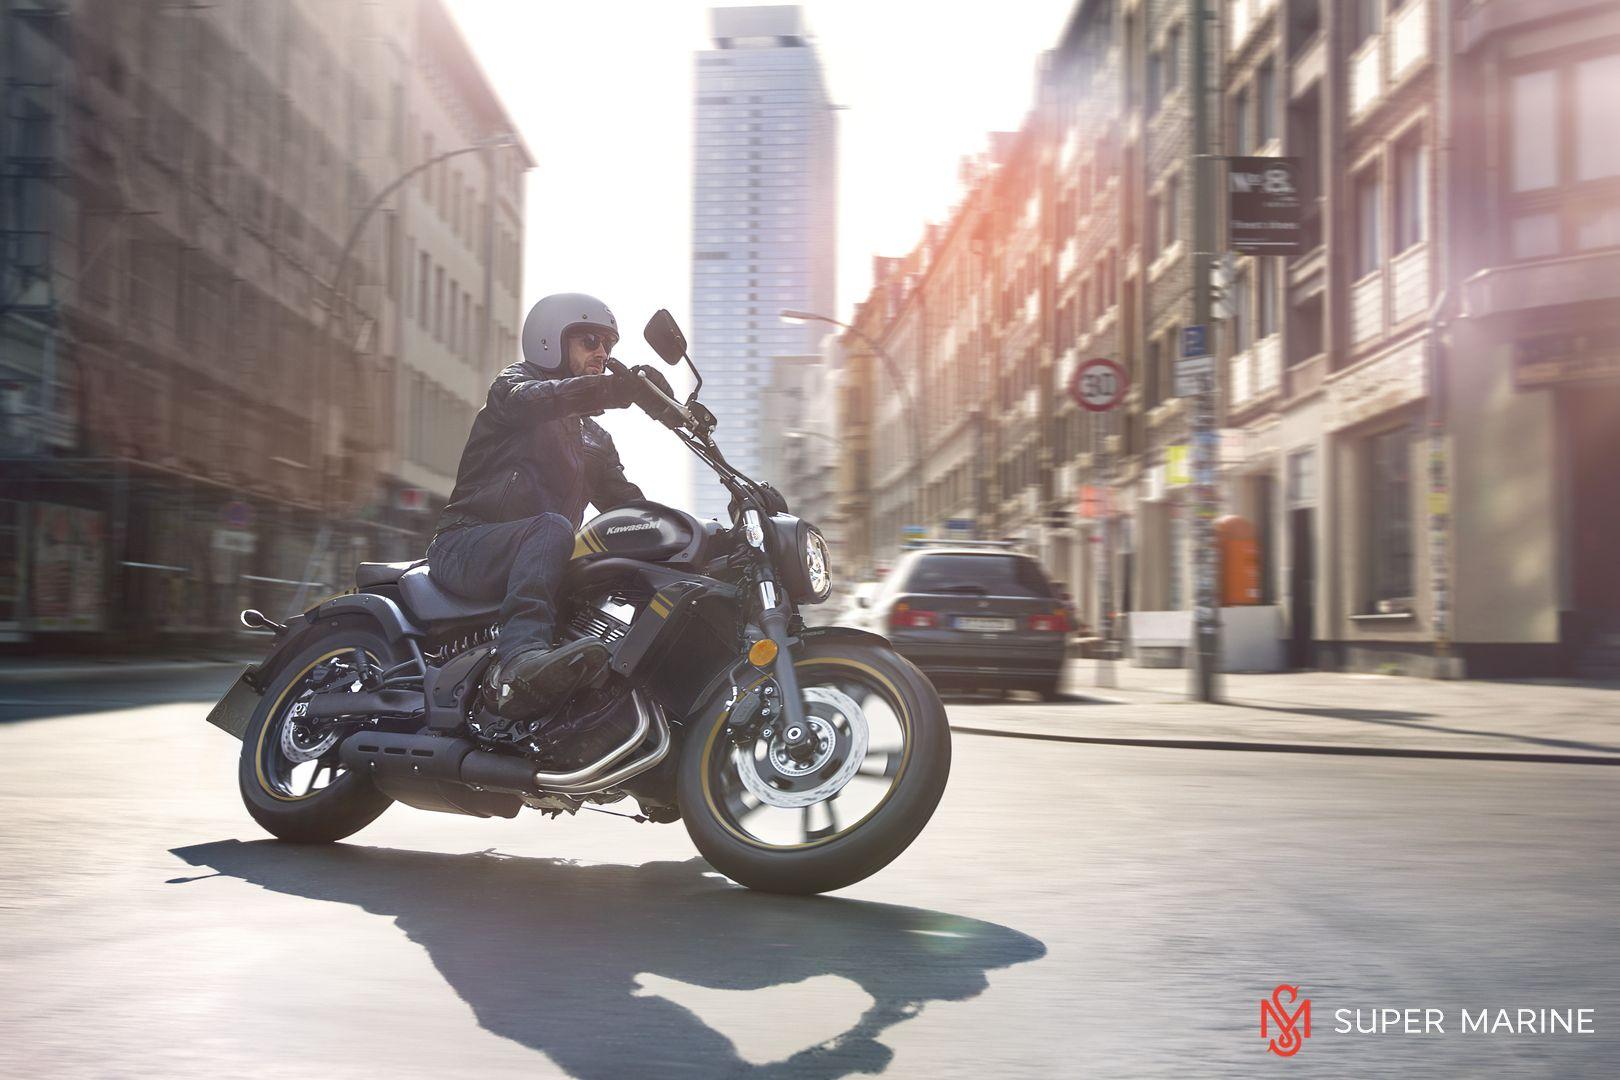 Мотоцикл Kawasaki Vulcan S ABS Черно-Золотистый 2020 - 11